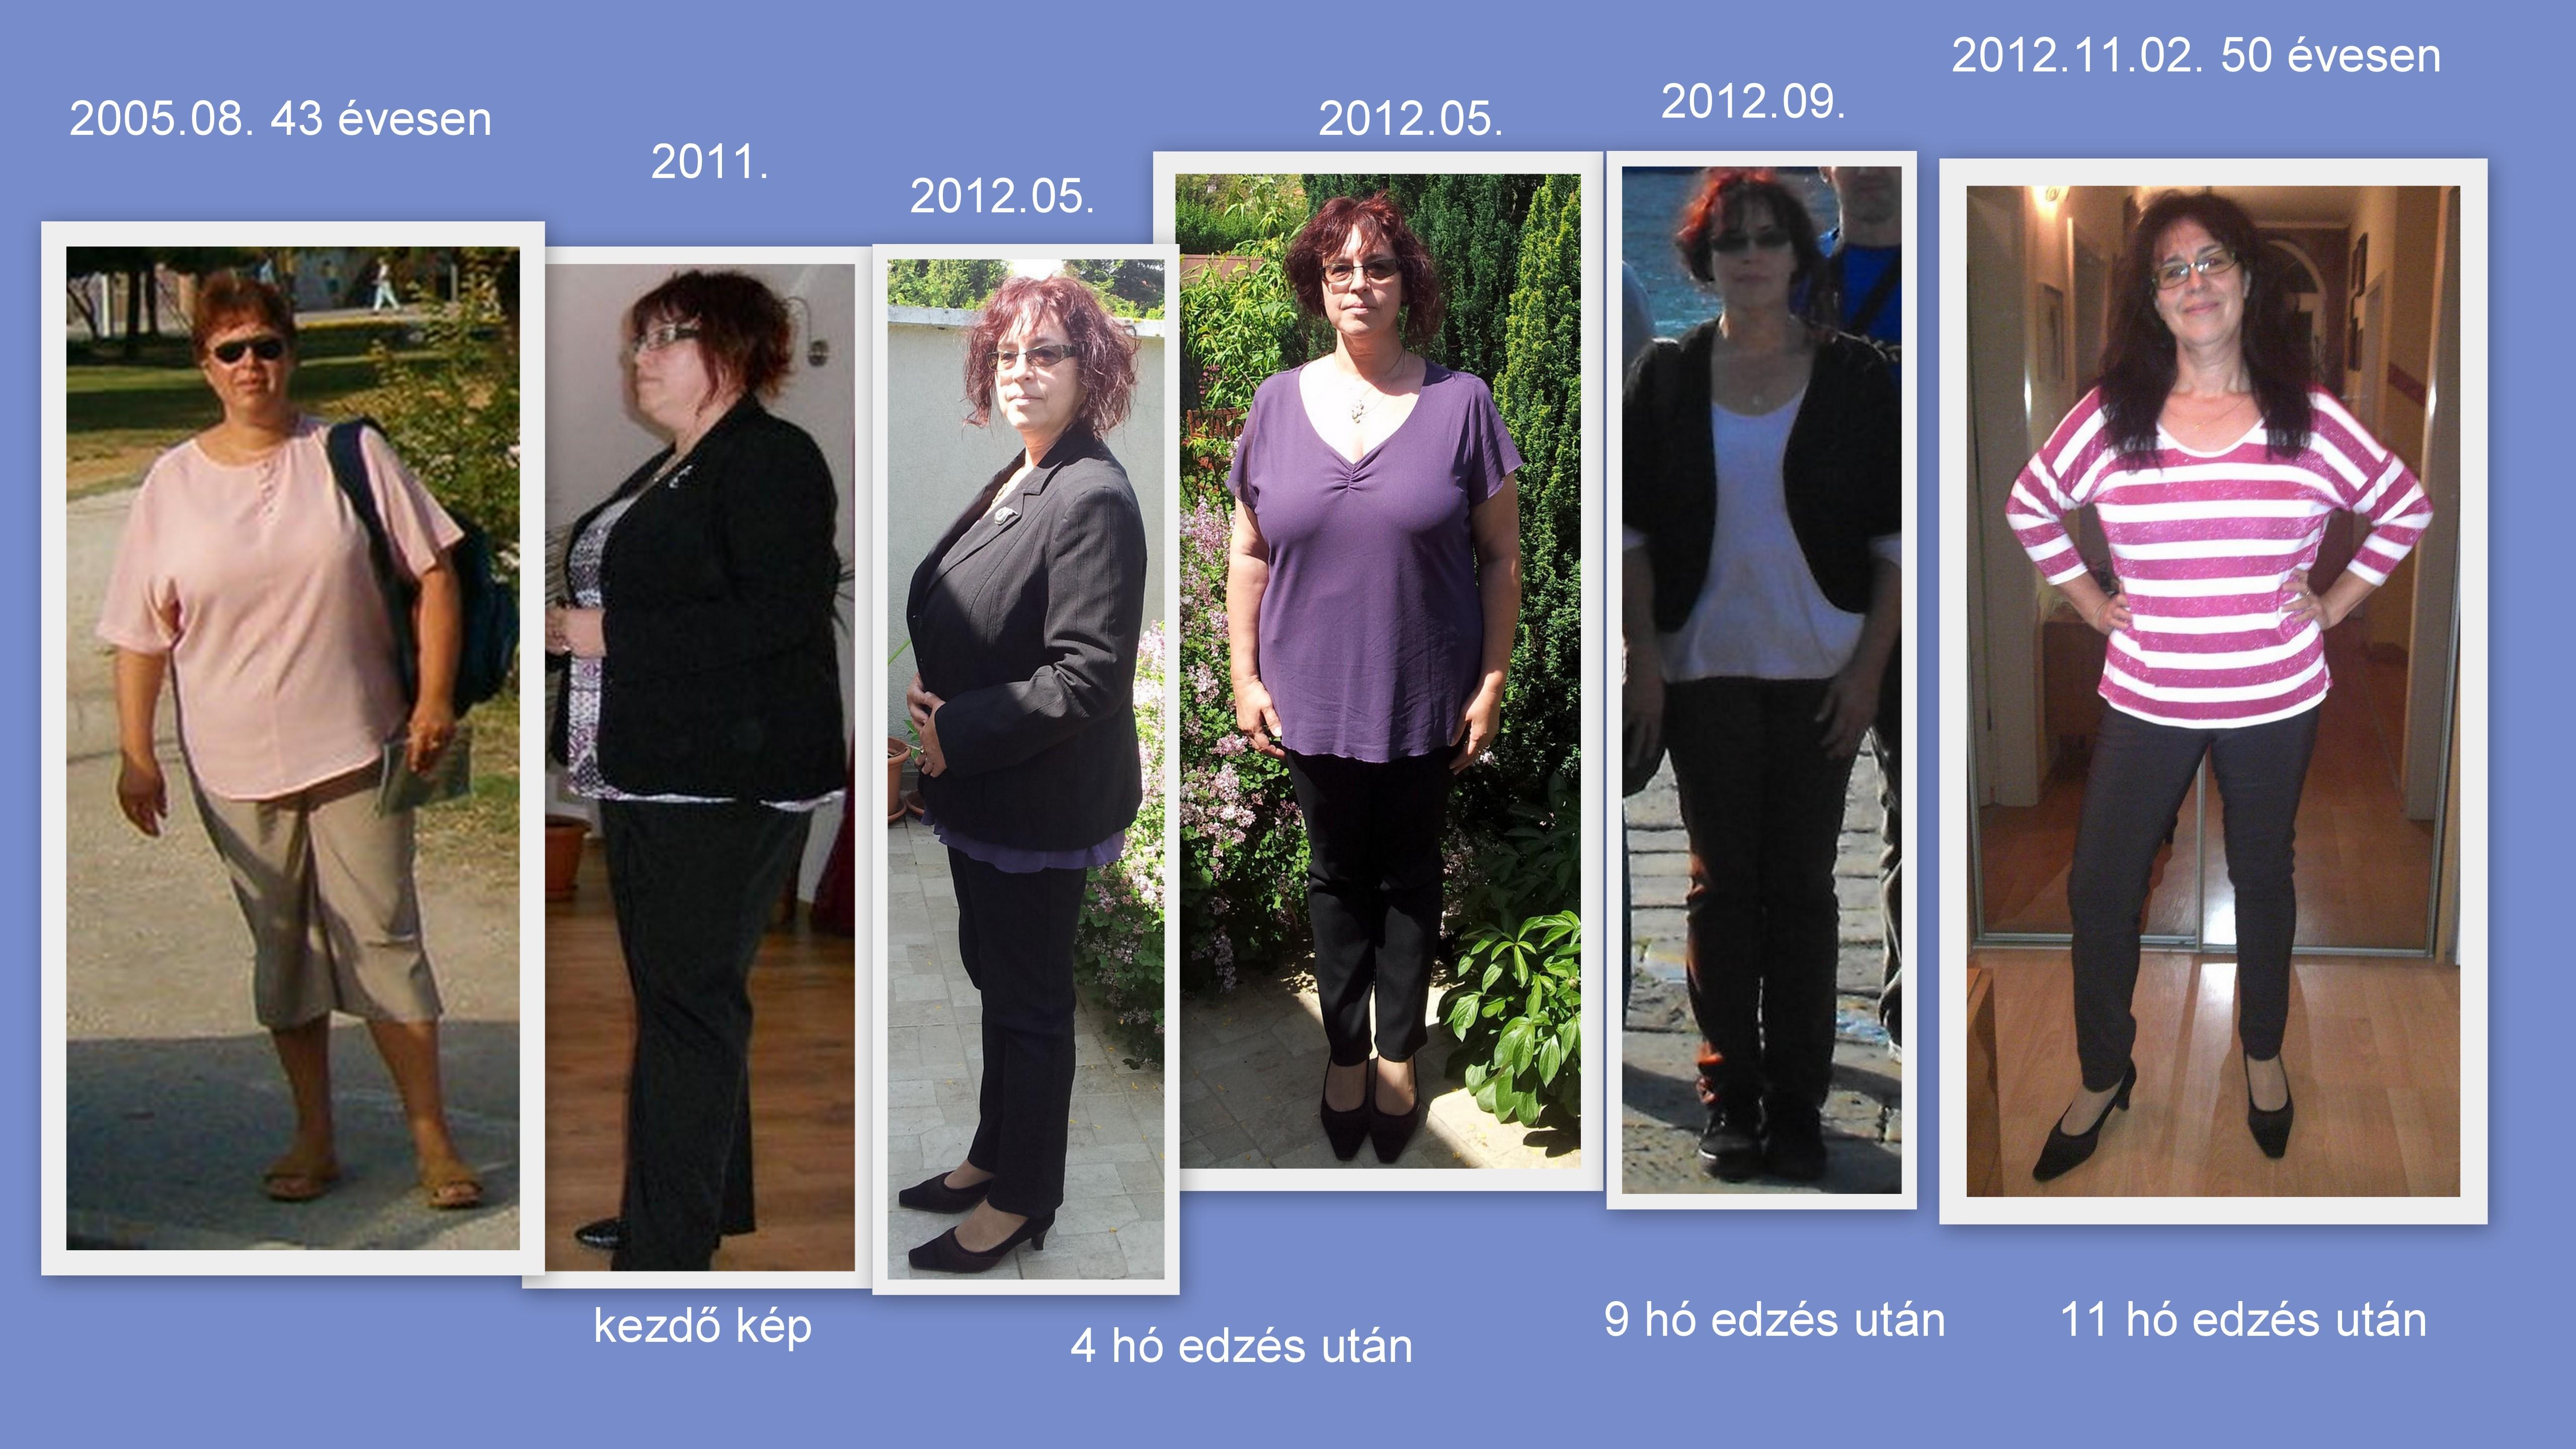 38 kilót fogyott, de csak egyetlen dologról mondott le - Fogyókúra | Femina